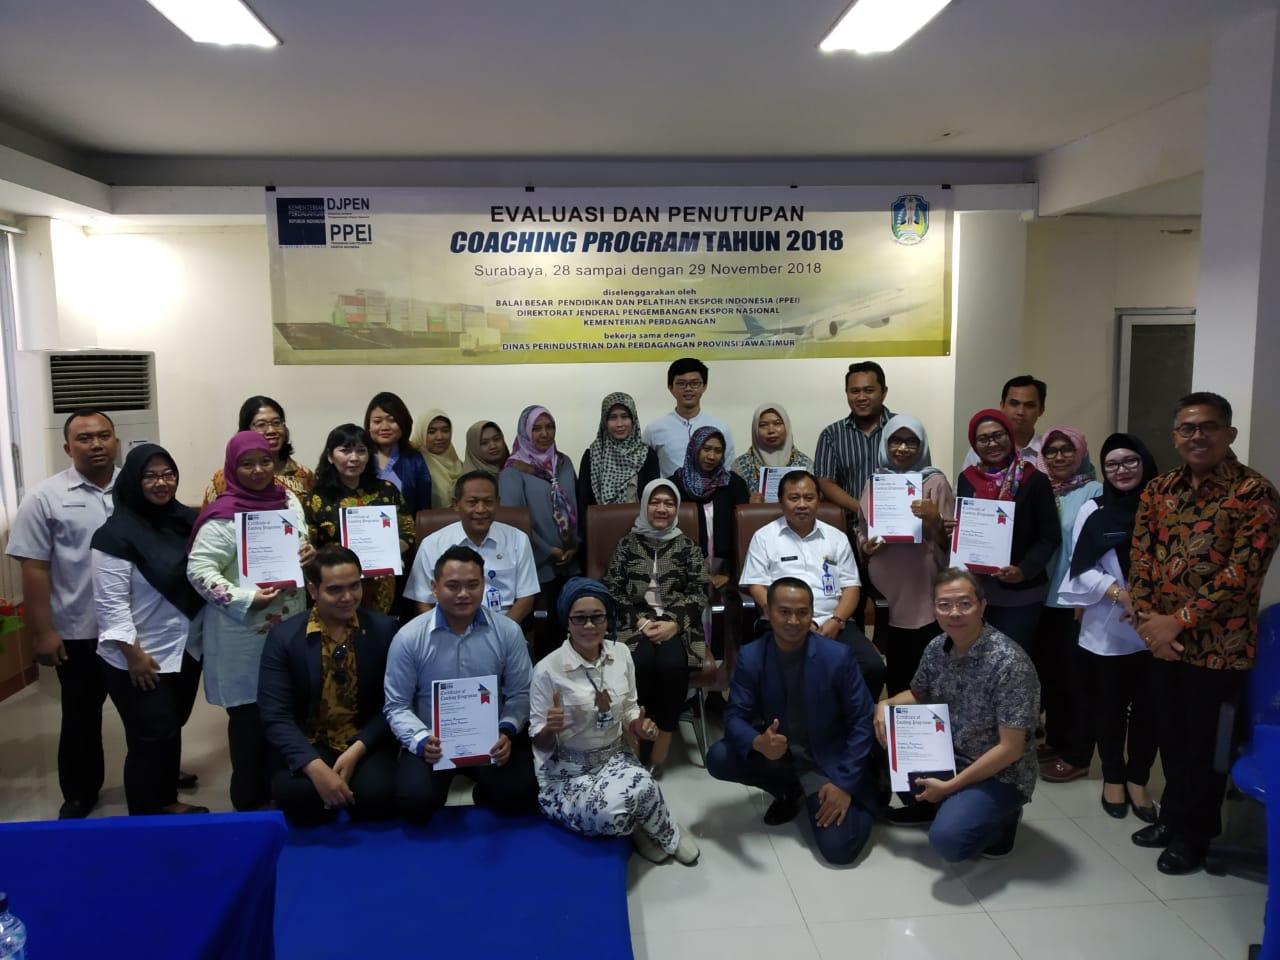 Evaluasi dan Penutupan Training of Exporters (TOX) Jawa Timur di Surabaya